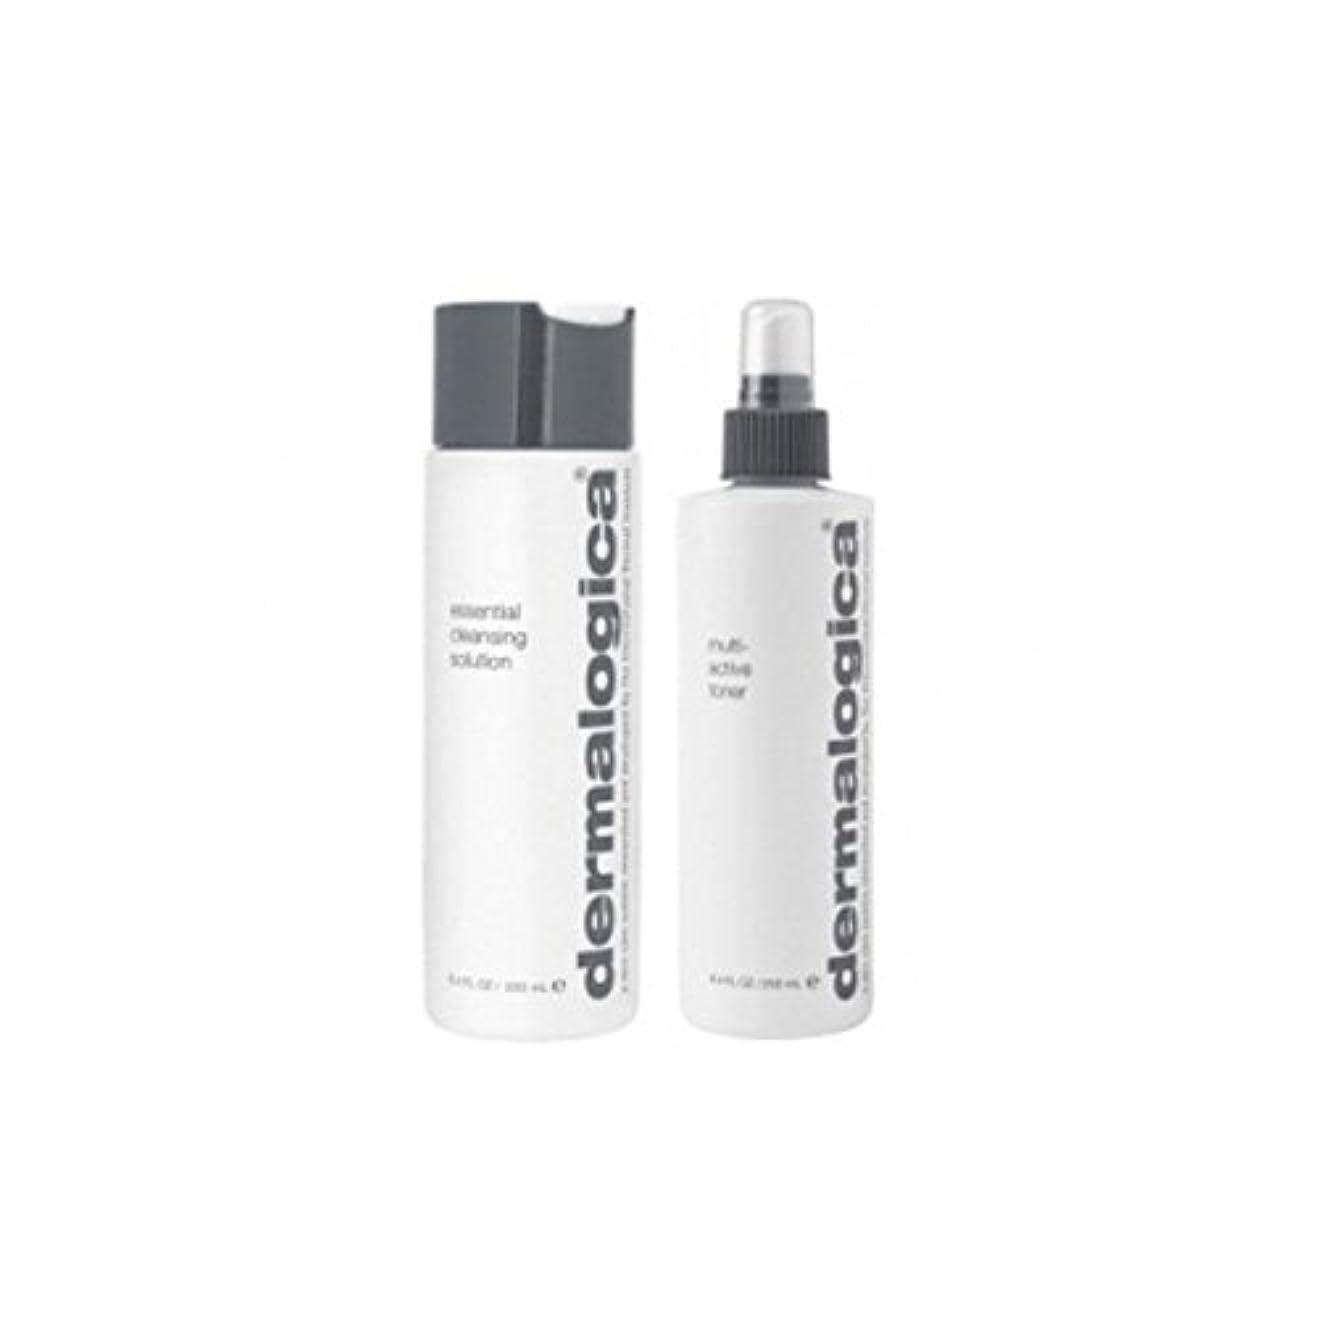 白雪姫クルーズ動機Dermalogica Cleanse & Tone Duo - Dry Skin (Pack of 6) - ダーマロジカクレンジング&トーンデュオ - 乾燥肌 x6 [並行輸入品]